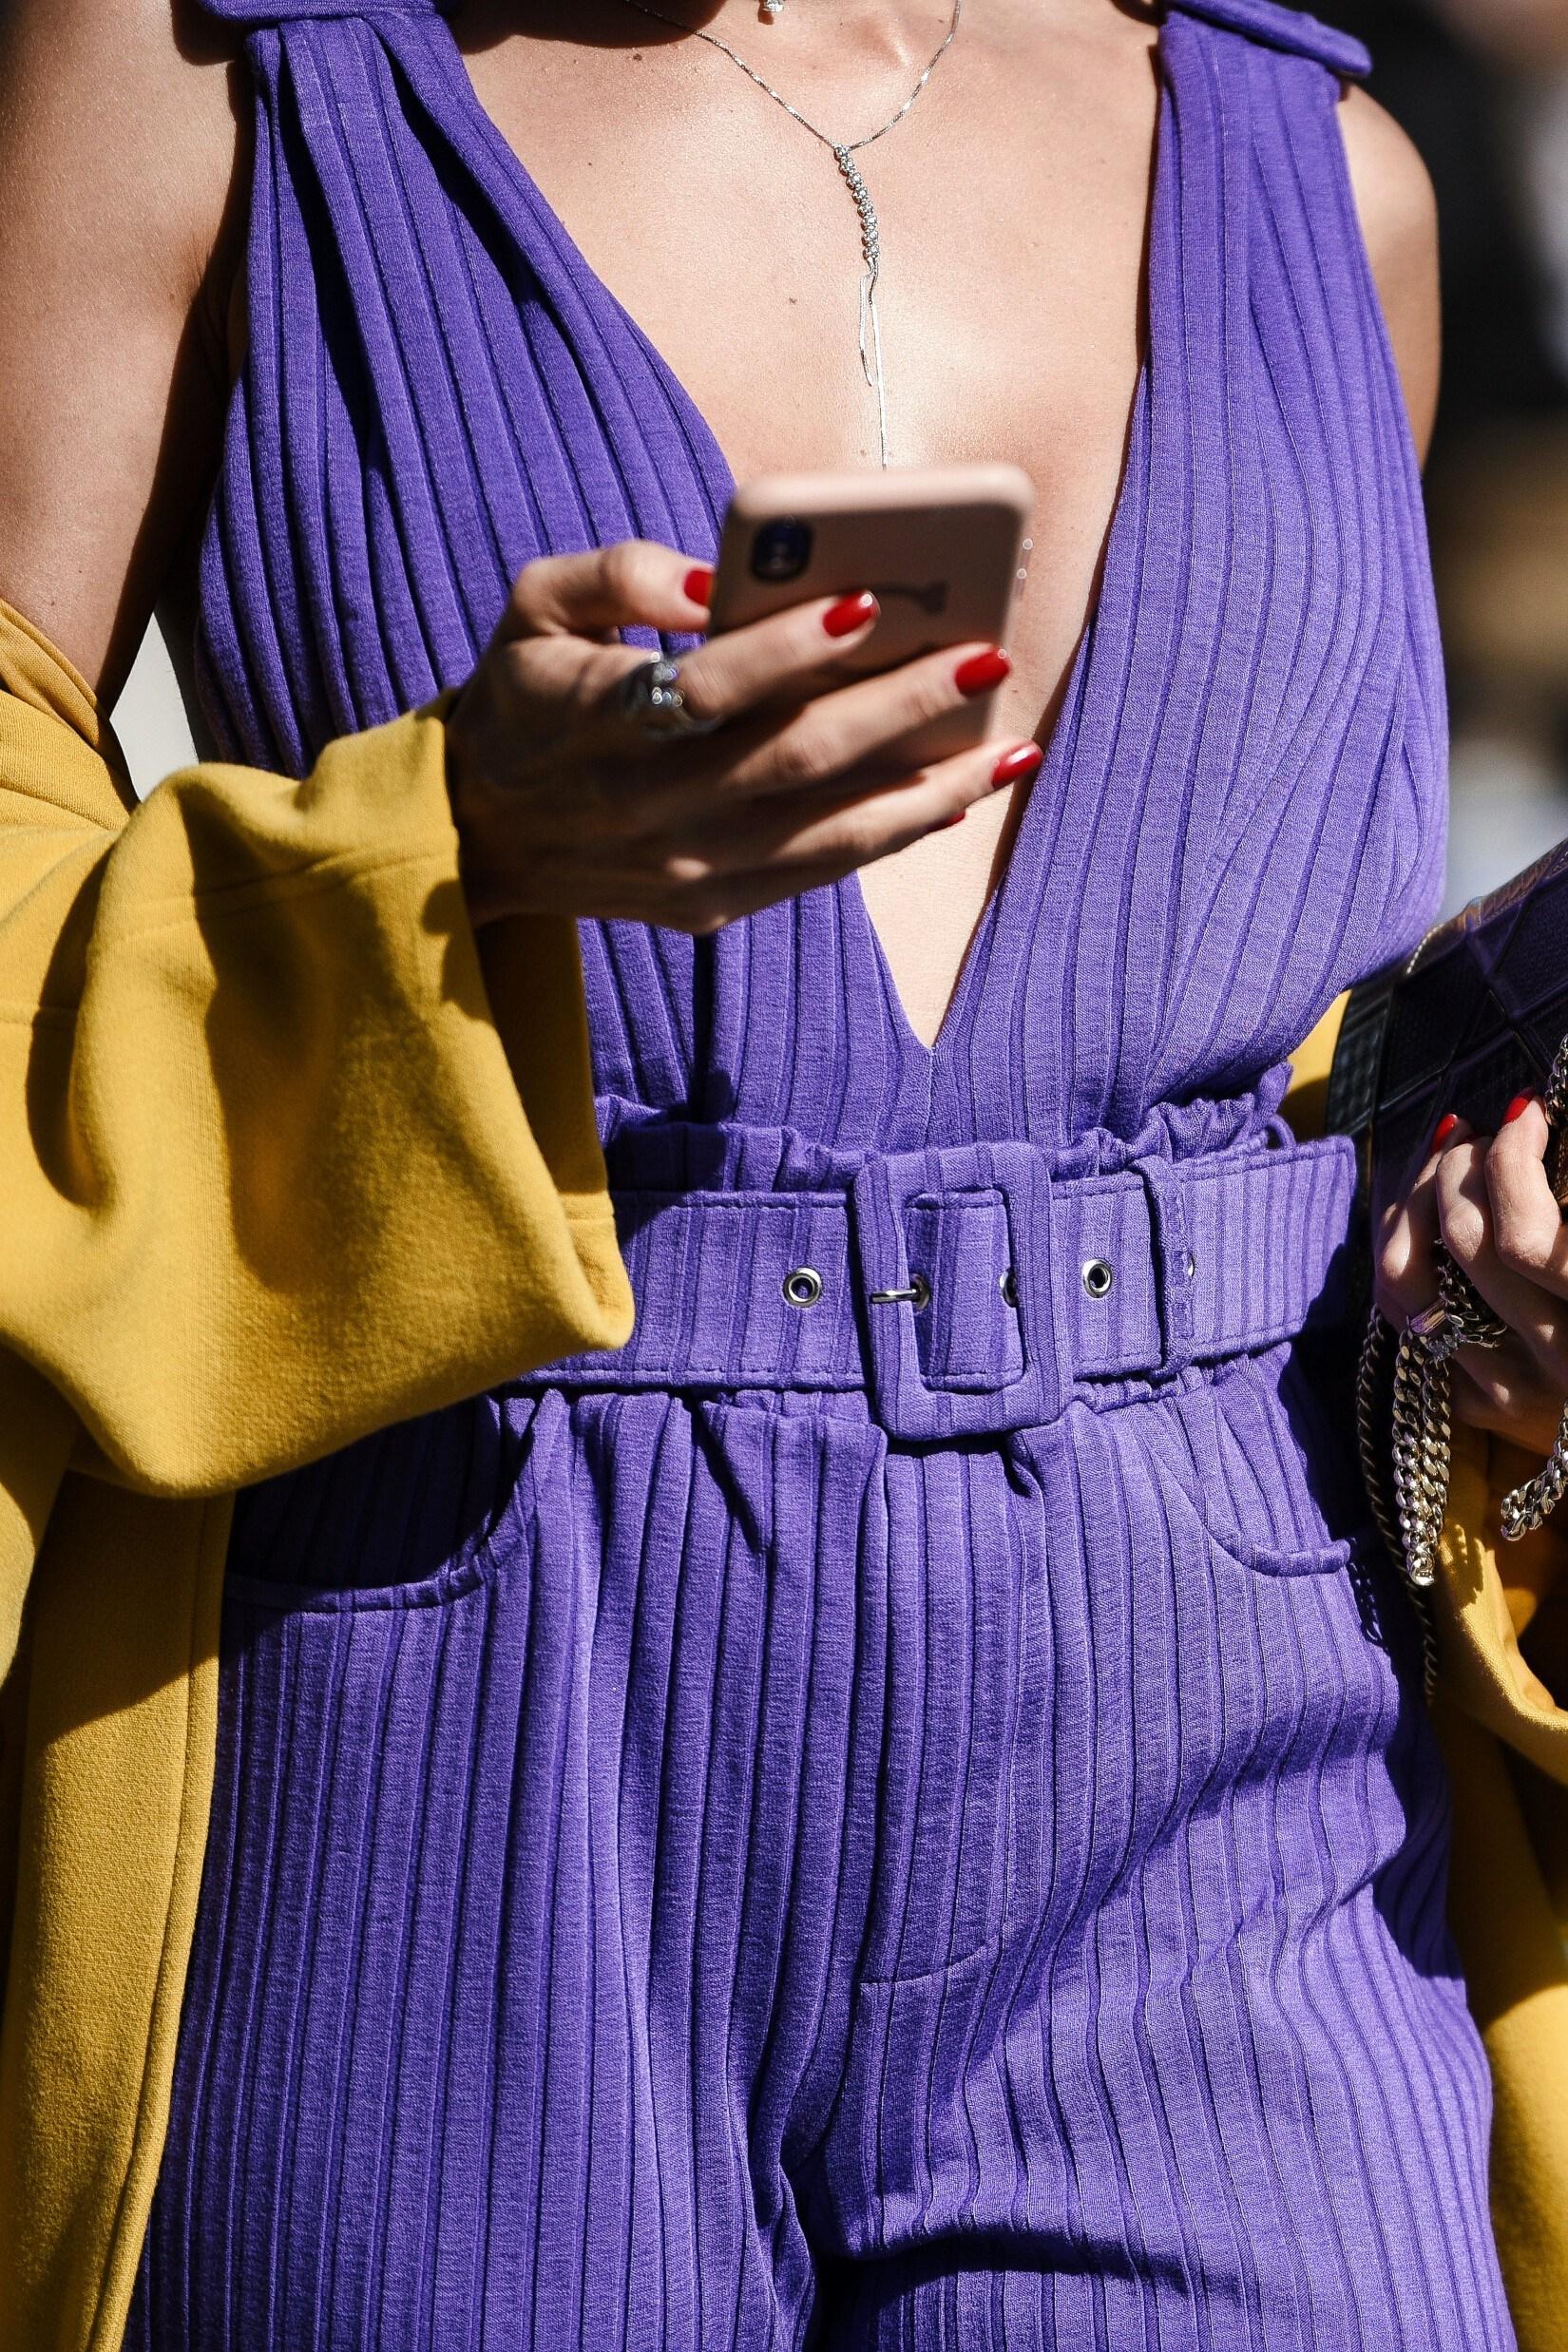 Tendance color block en mode: jaune et violet